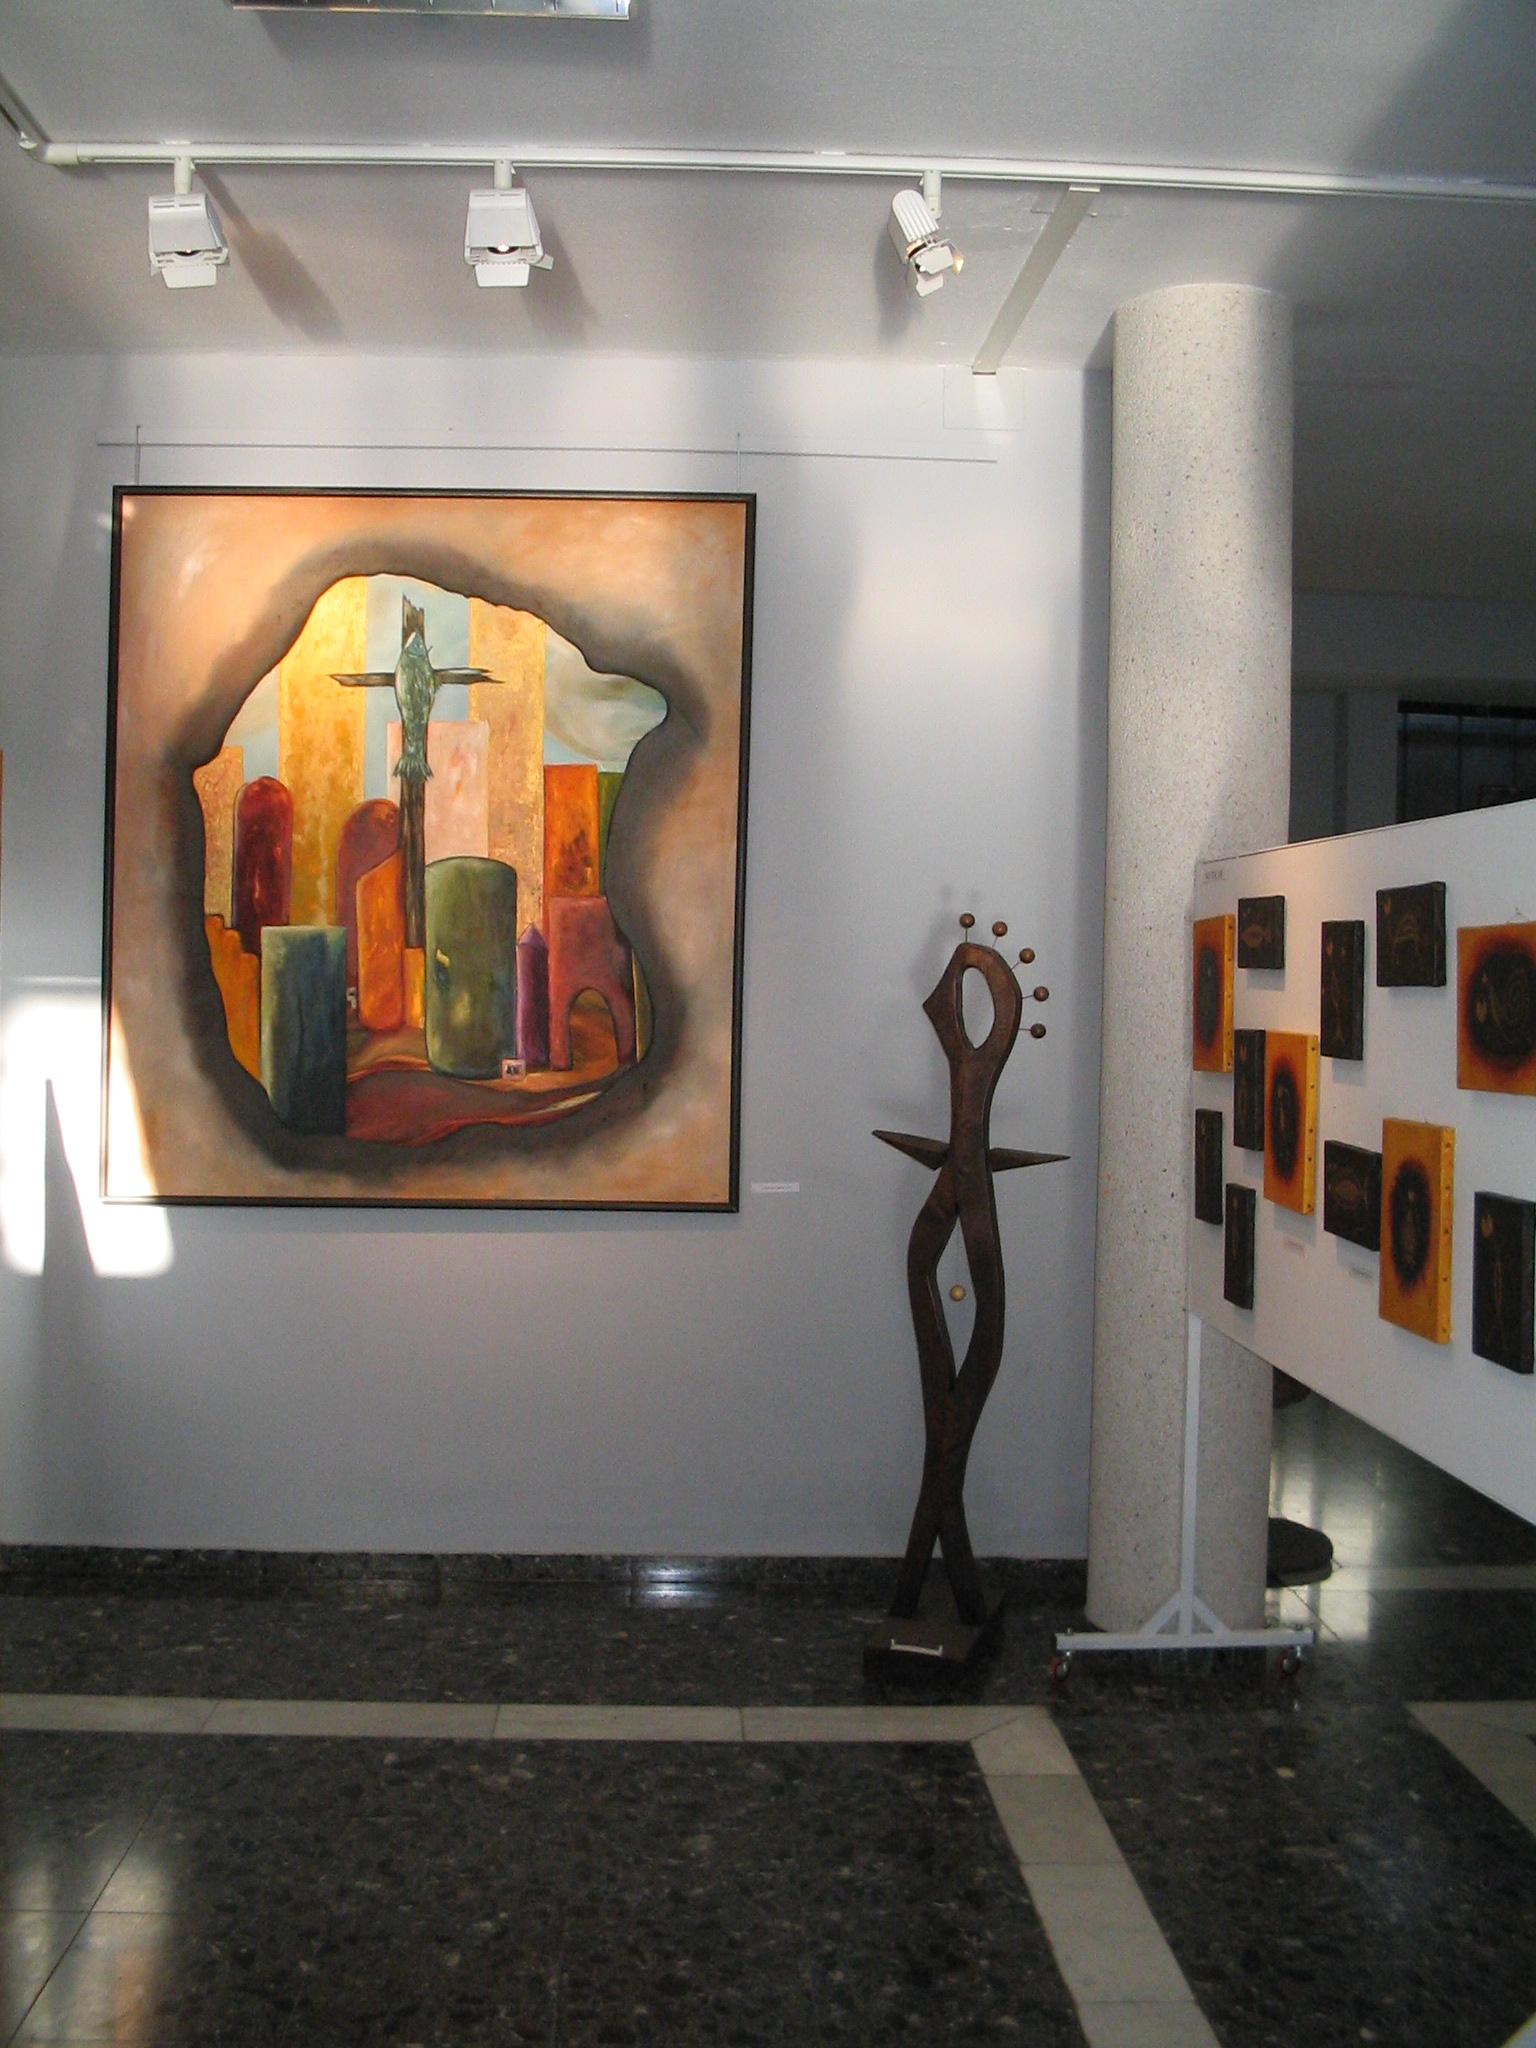 Teneriffa 2005 - Centro Cultural Los Christianos